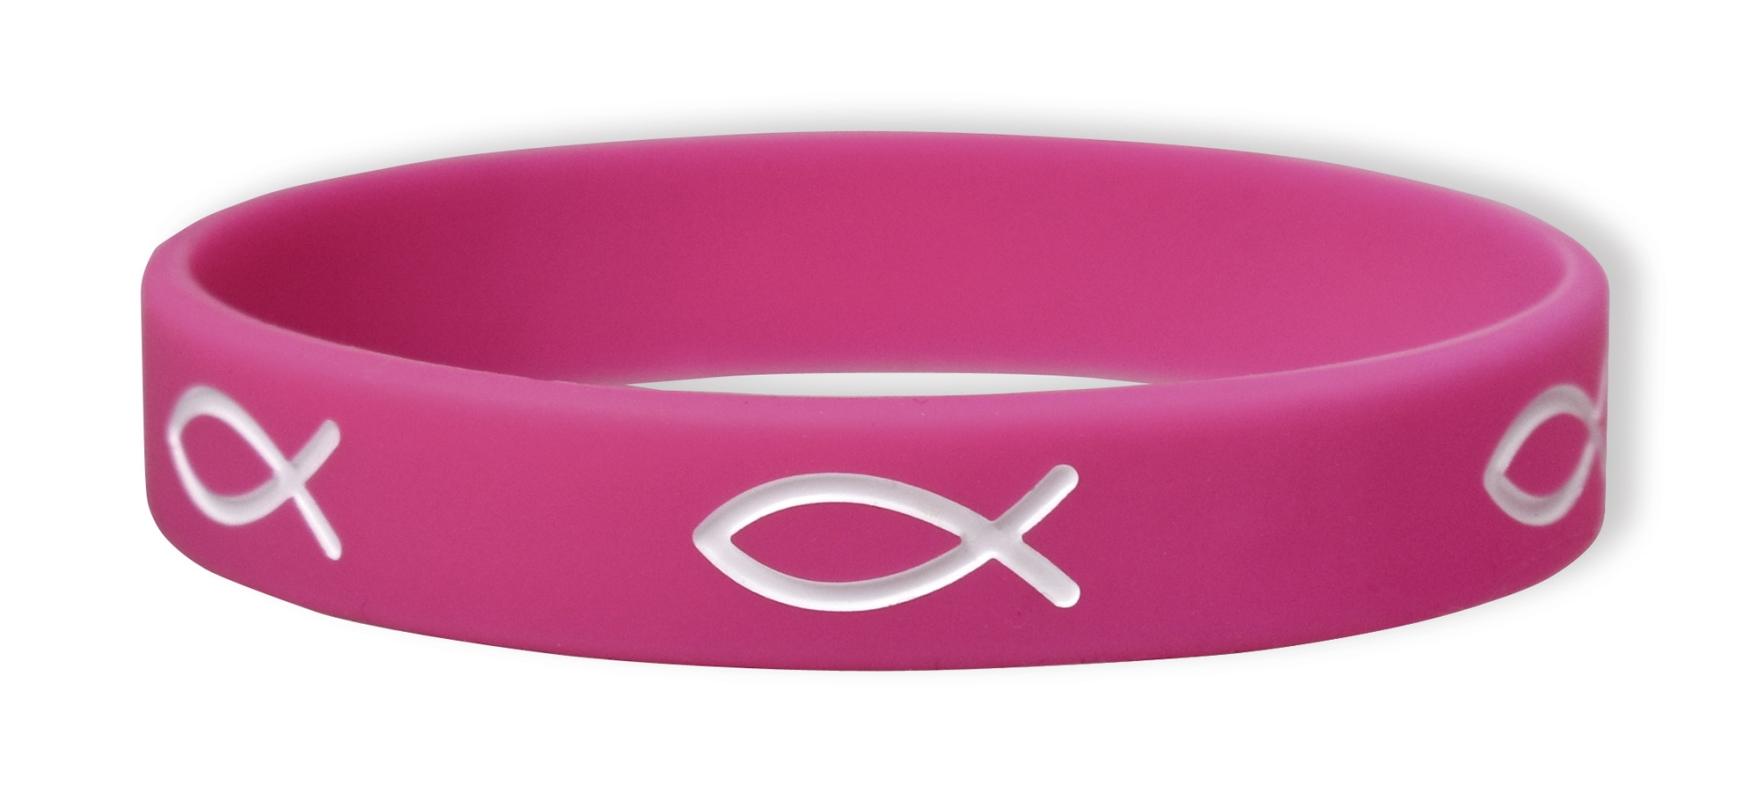 Gummiband Fisch pink